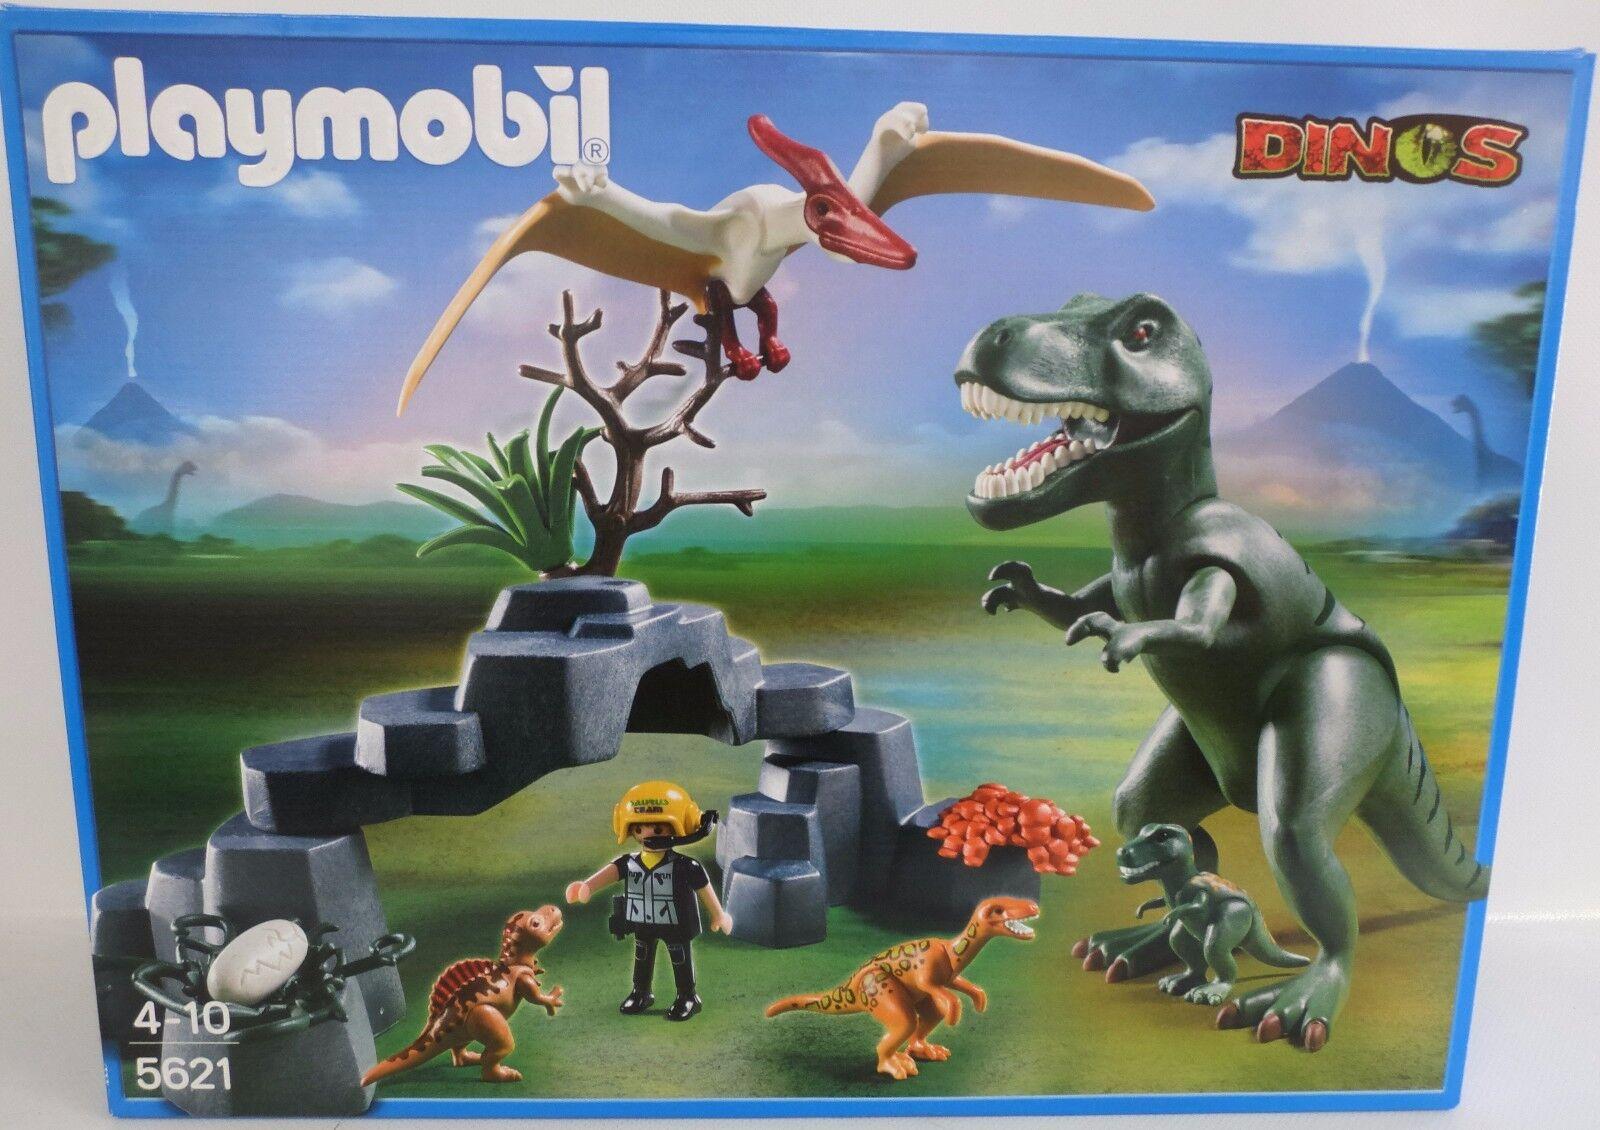 NEU PLAYMOBIL® DINOS 5621 Dino Club Set Dinosaurier OVP